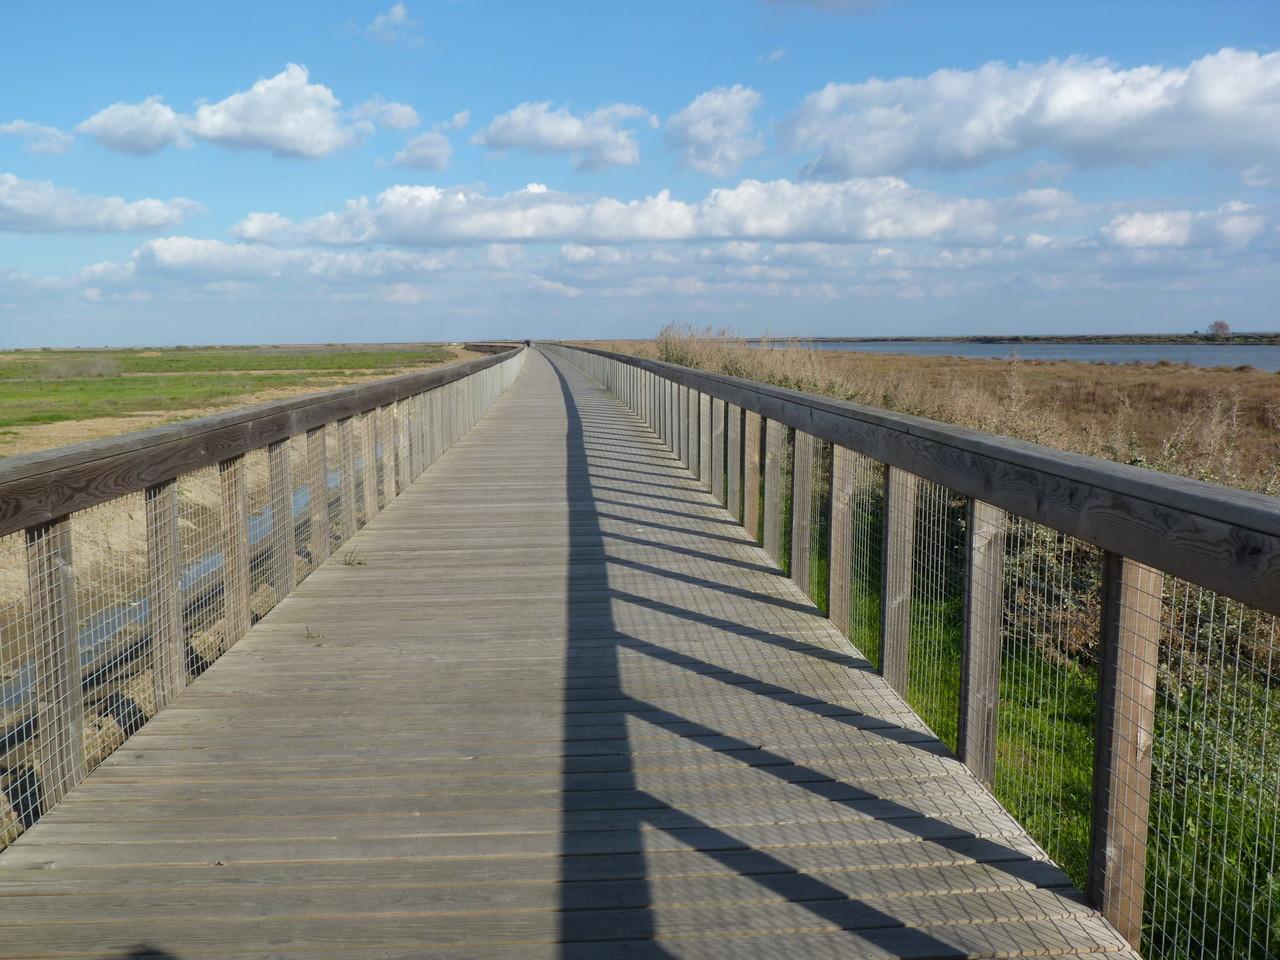 Parque Linear Ribeirinho do Estuário do Tejo (20)